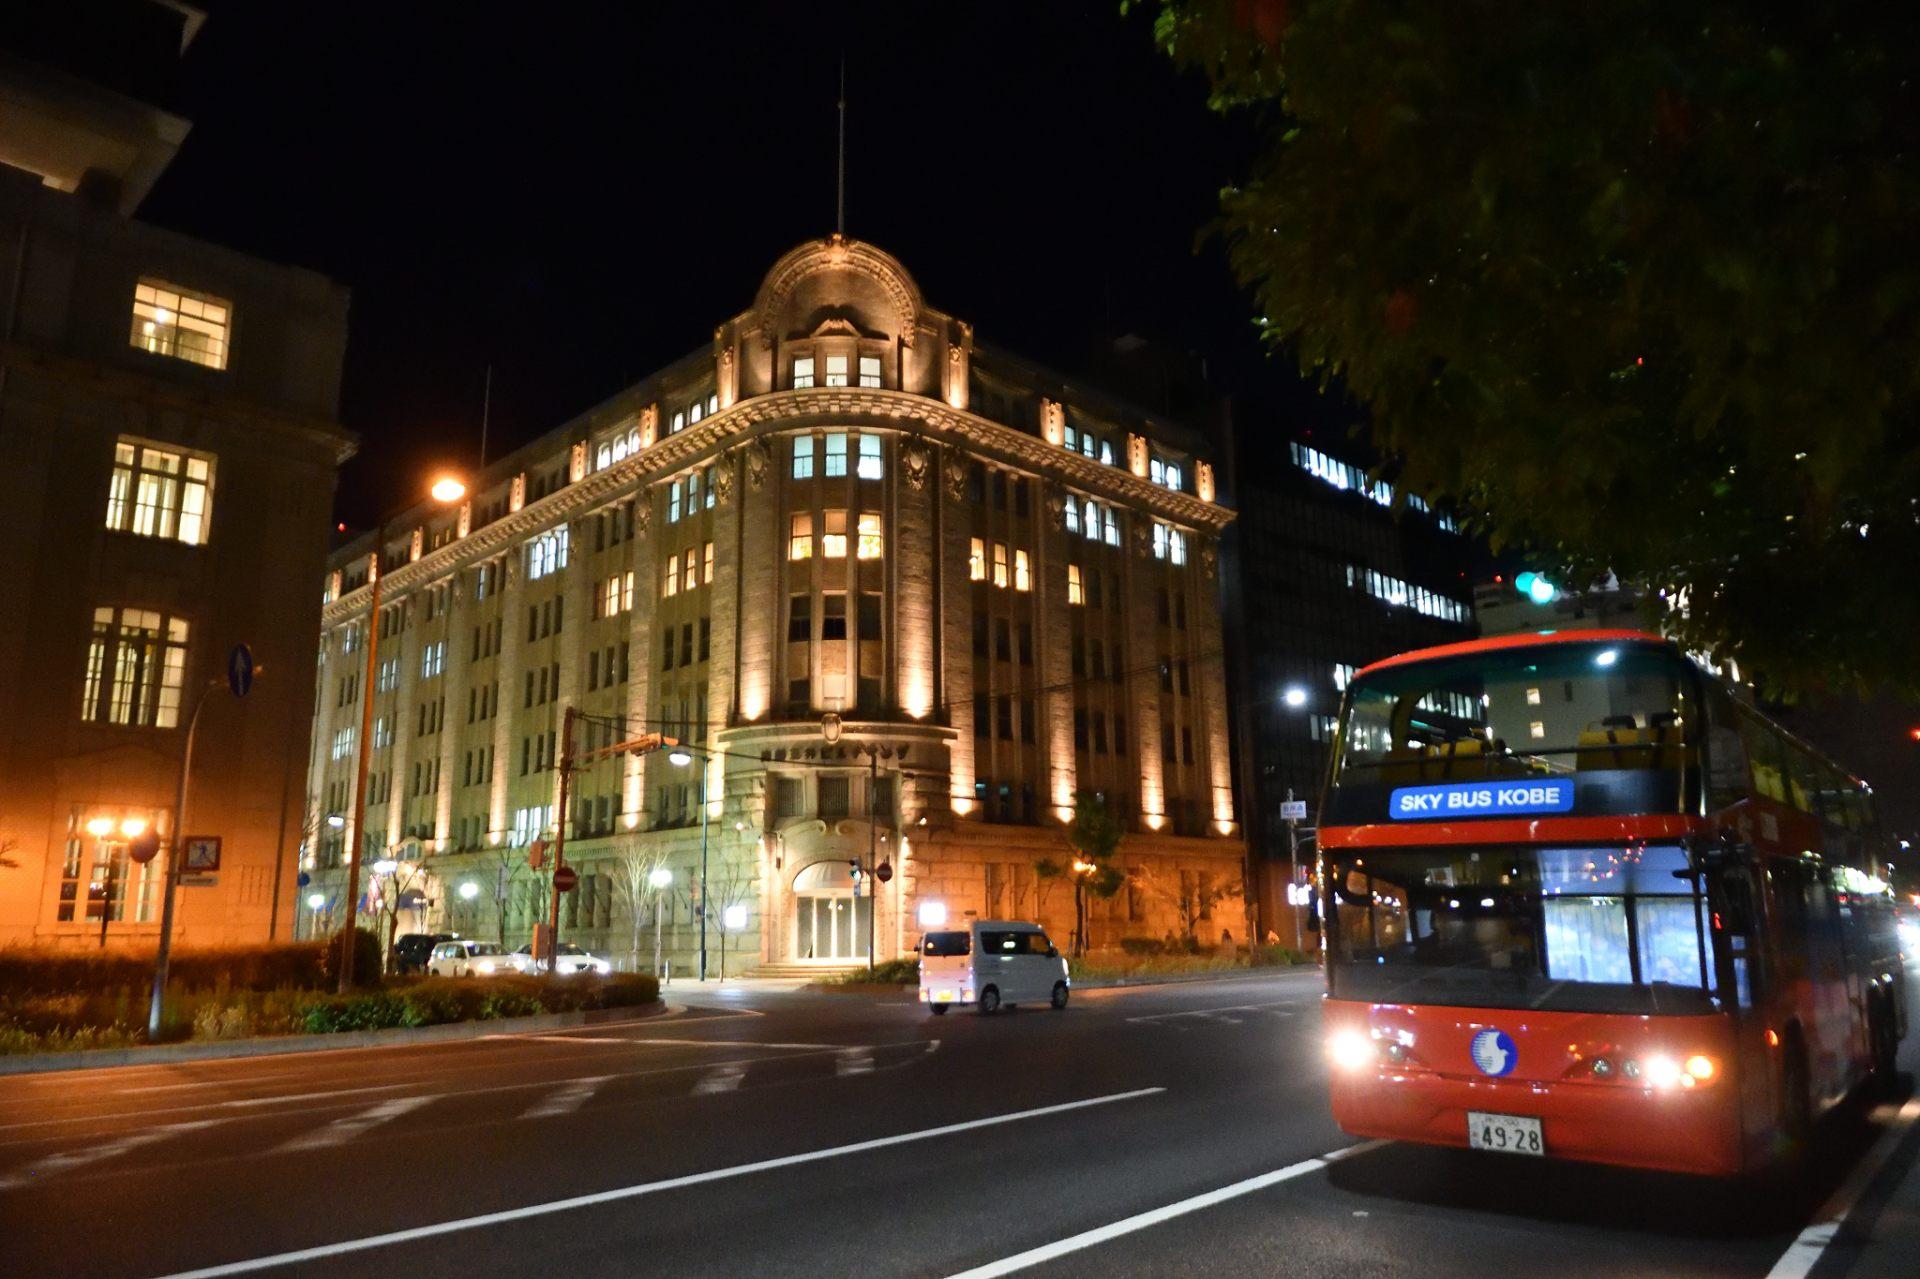 巴士缓缓驶过神户旧居留地